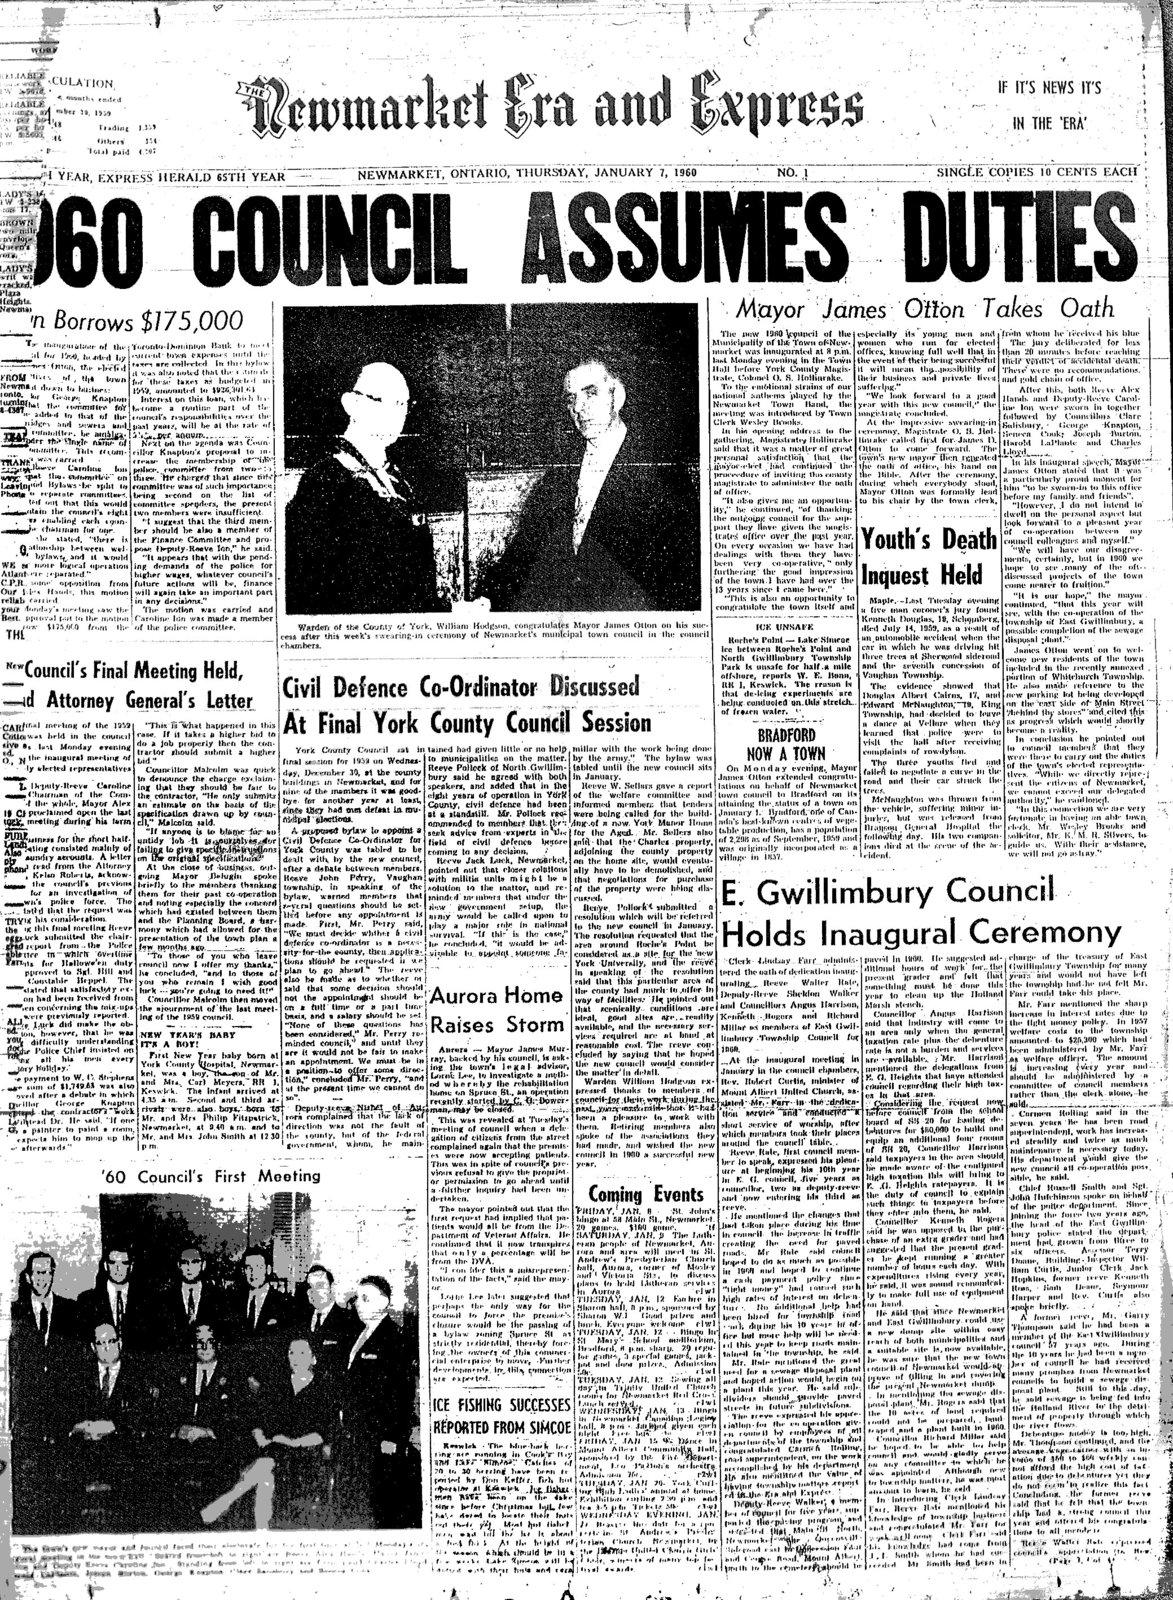 1960 Council Assumes Duties